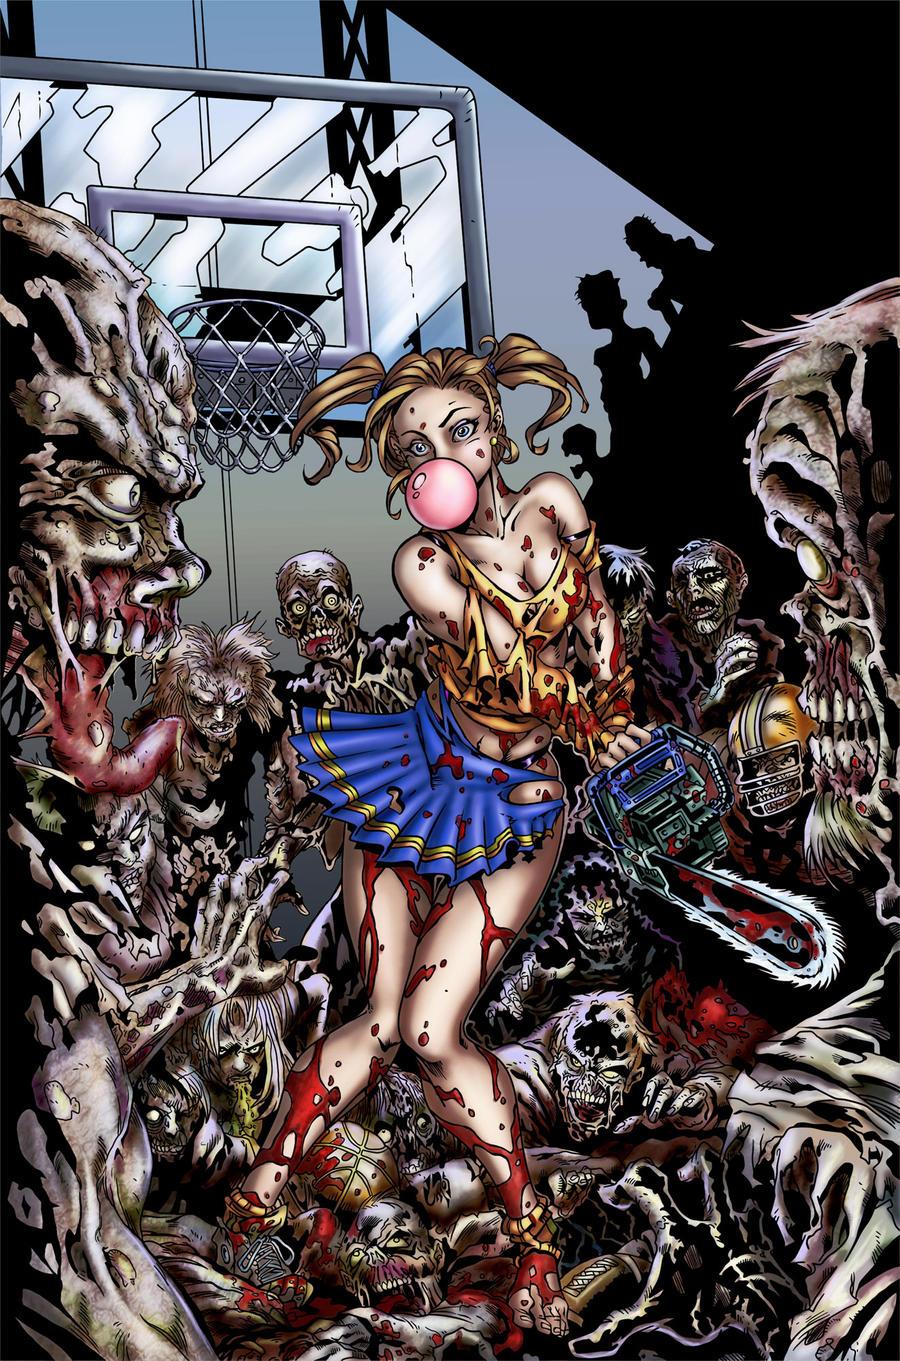 zombies vs nude cheerleaders